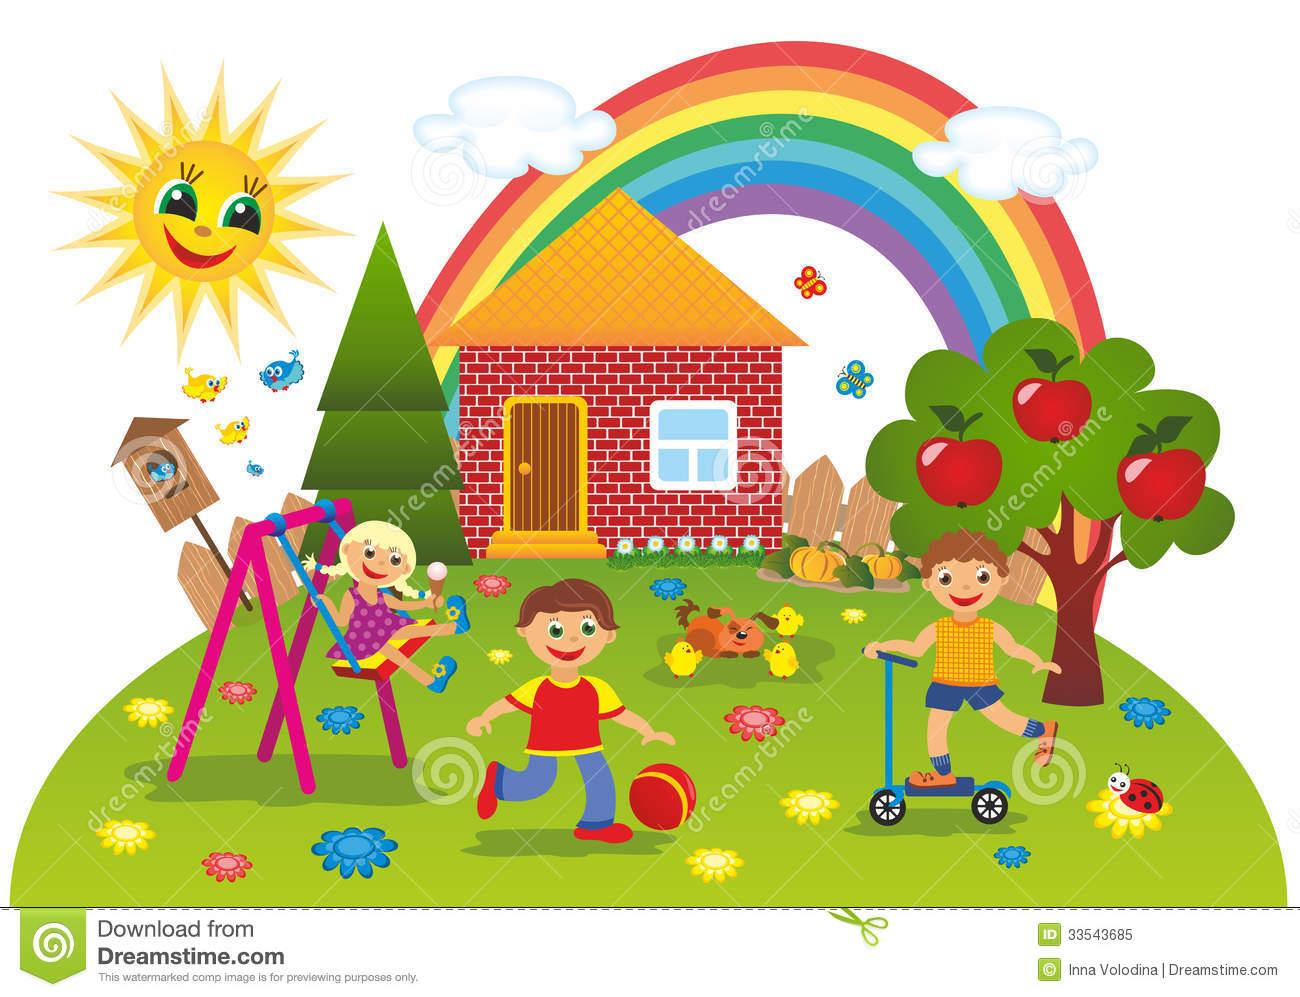 Kindergarten haus clipart free stock Kindergarten haus clipart - ClipartFest free stock